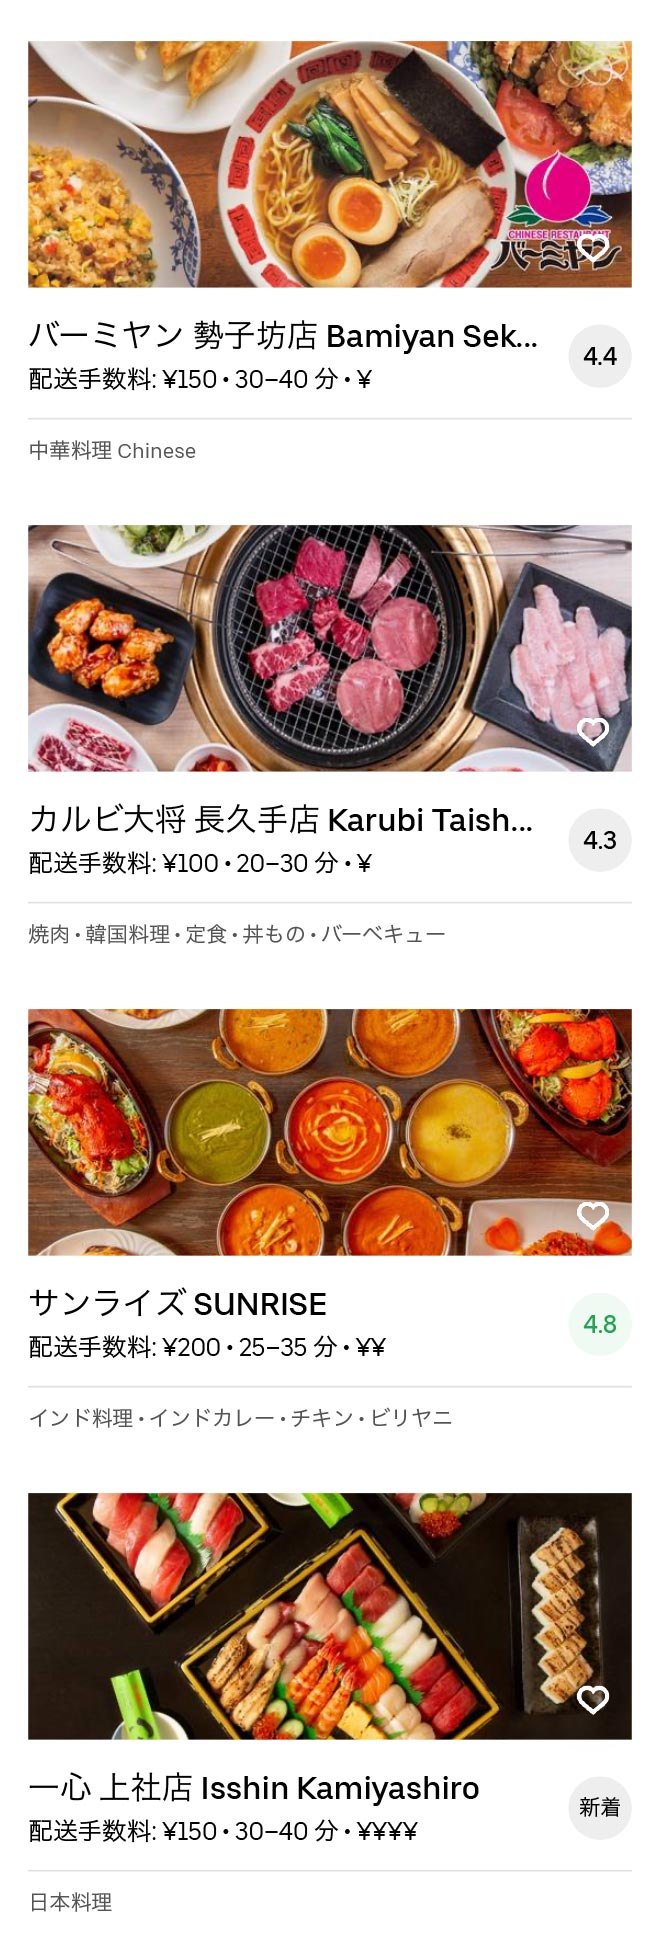 Nagoya fujigaoka menu 2005 04